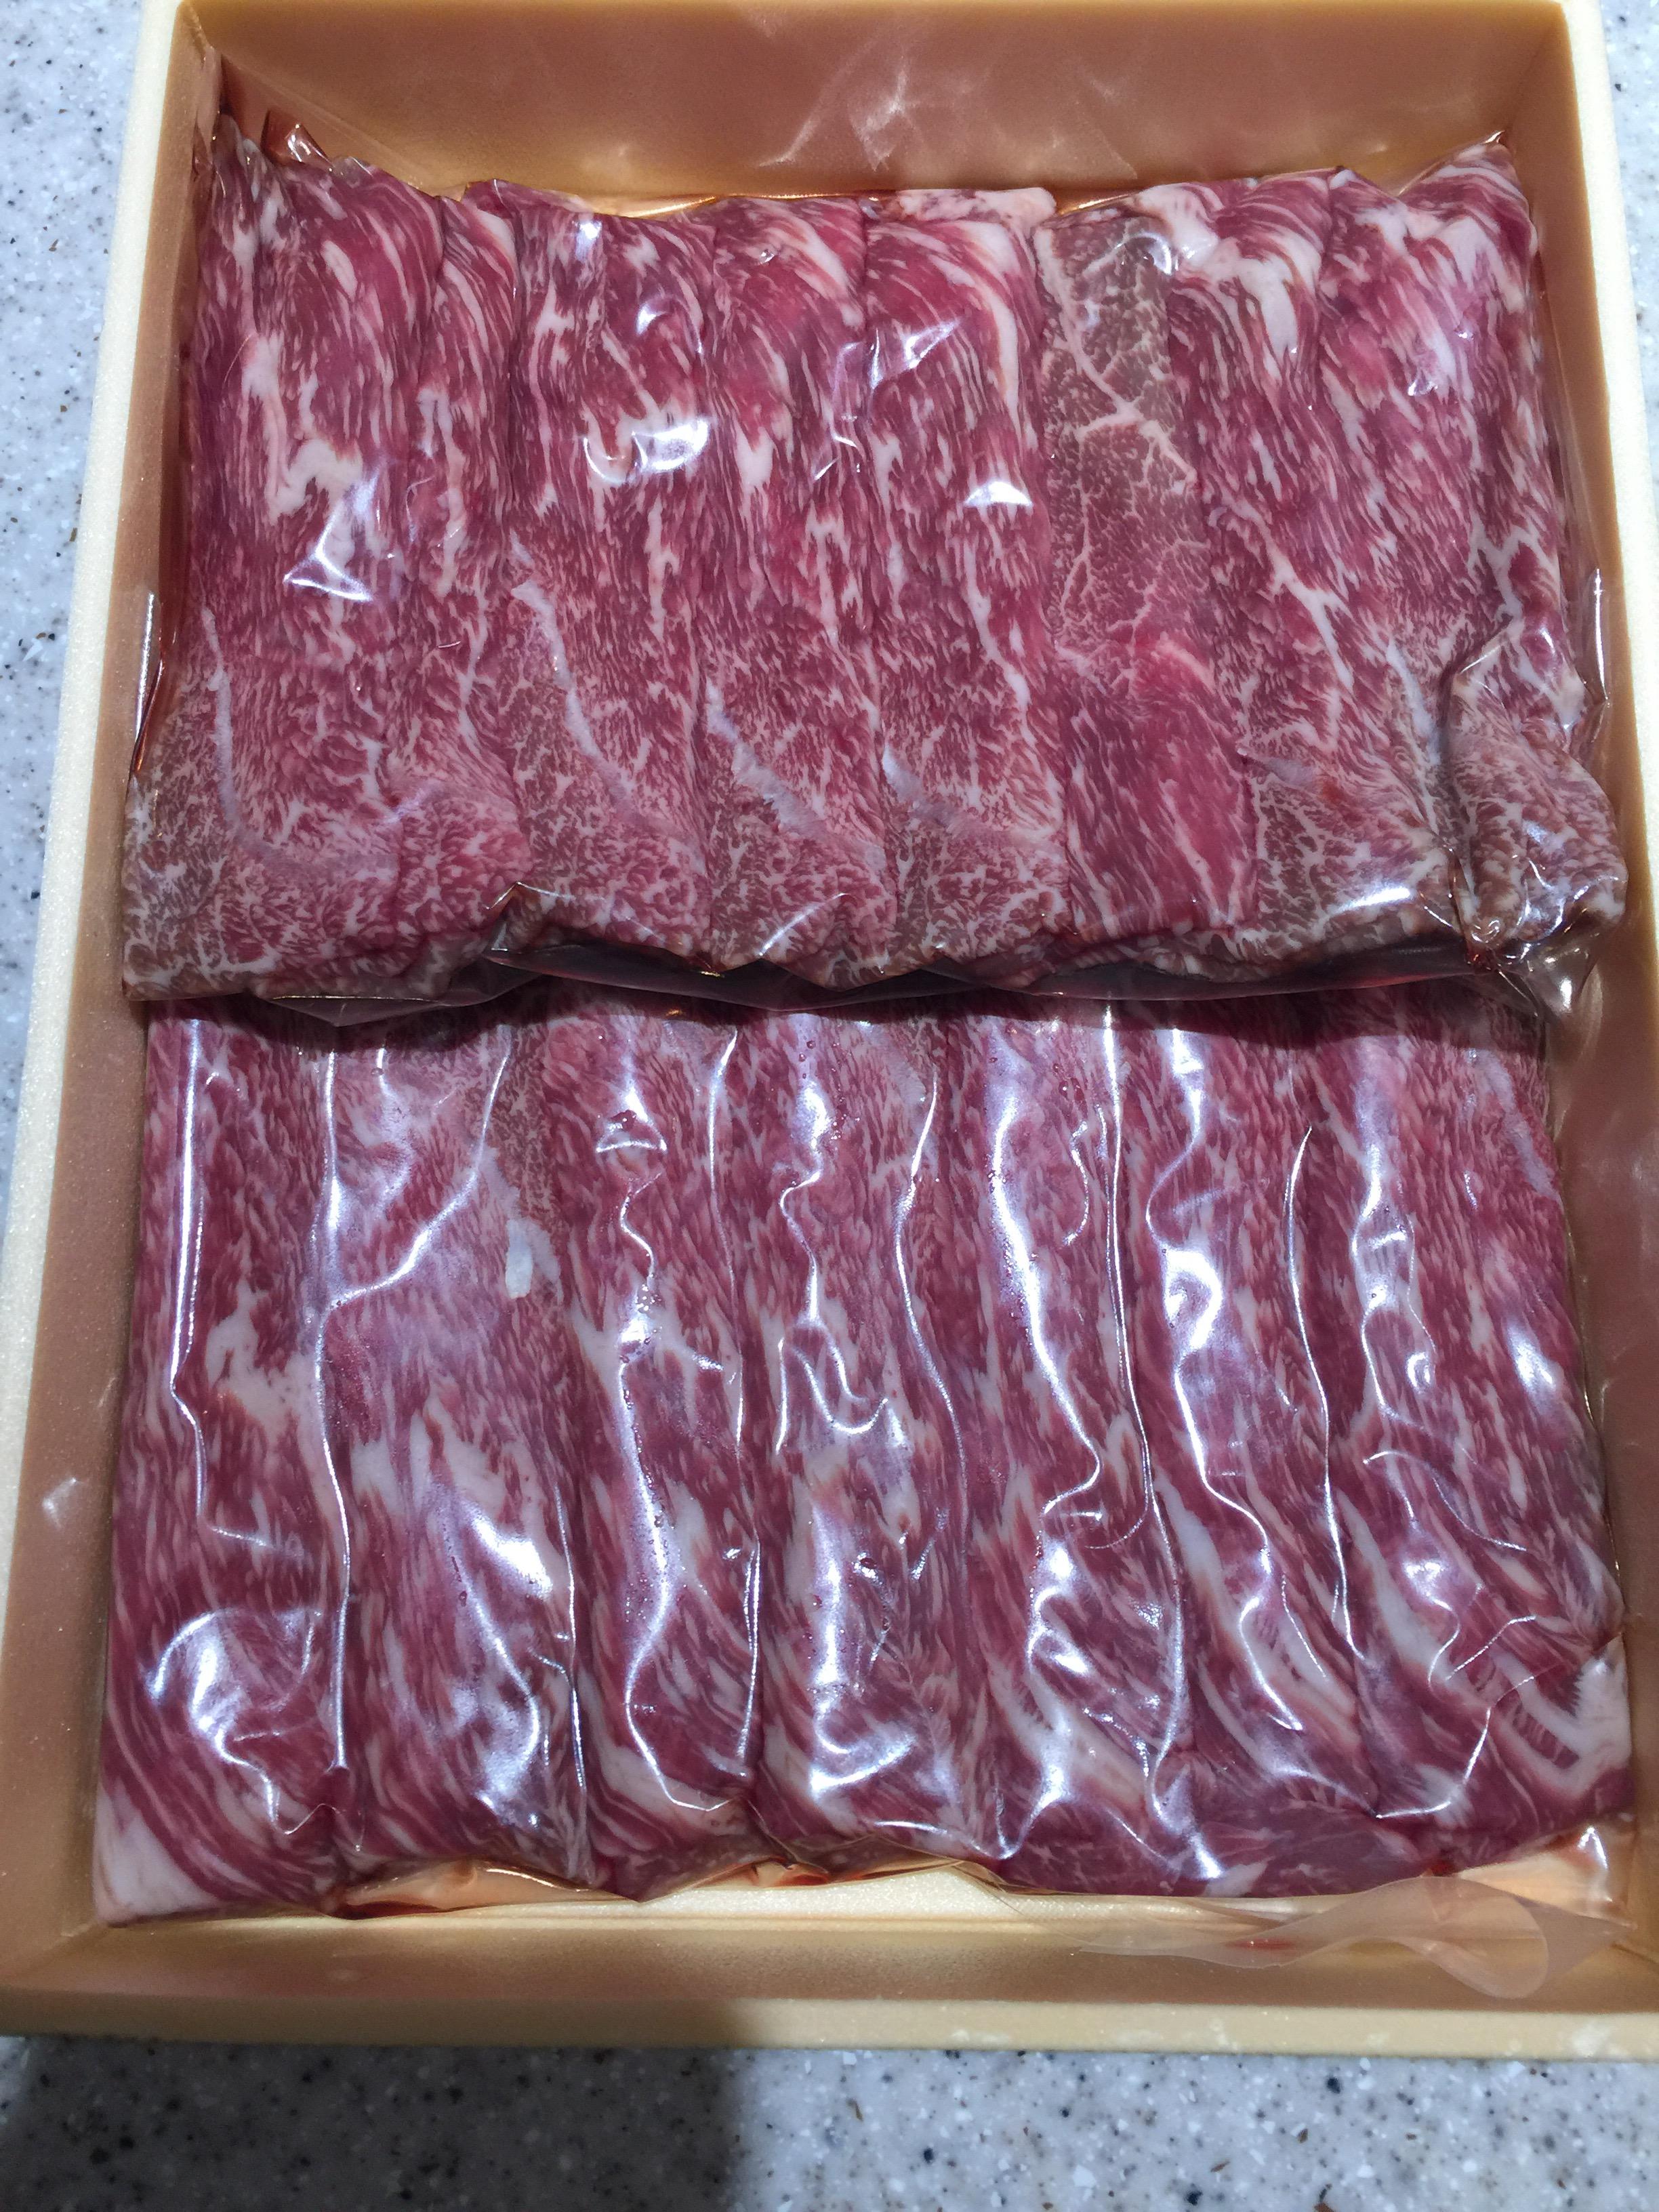 【おすすめ】壱岐市にふるさと納税 すき焼き用牛肉500グラムと旬の野菜5品